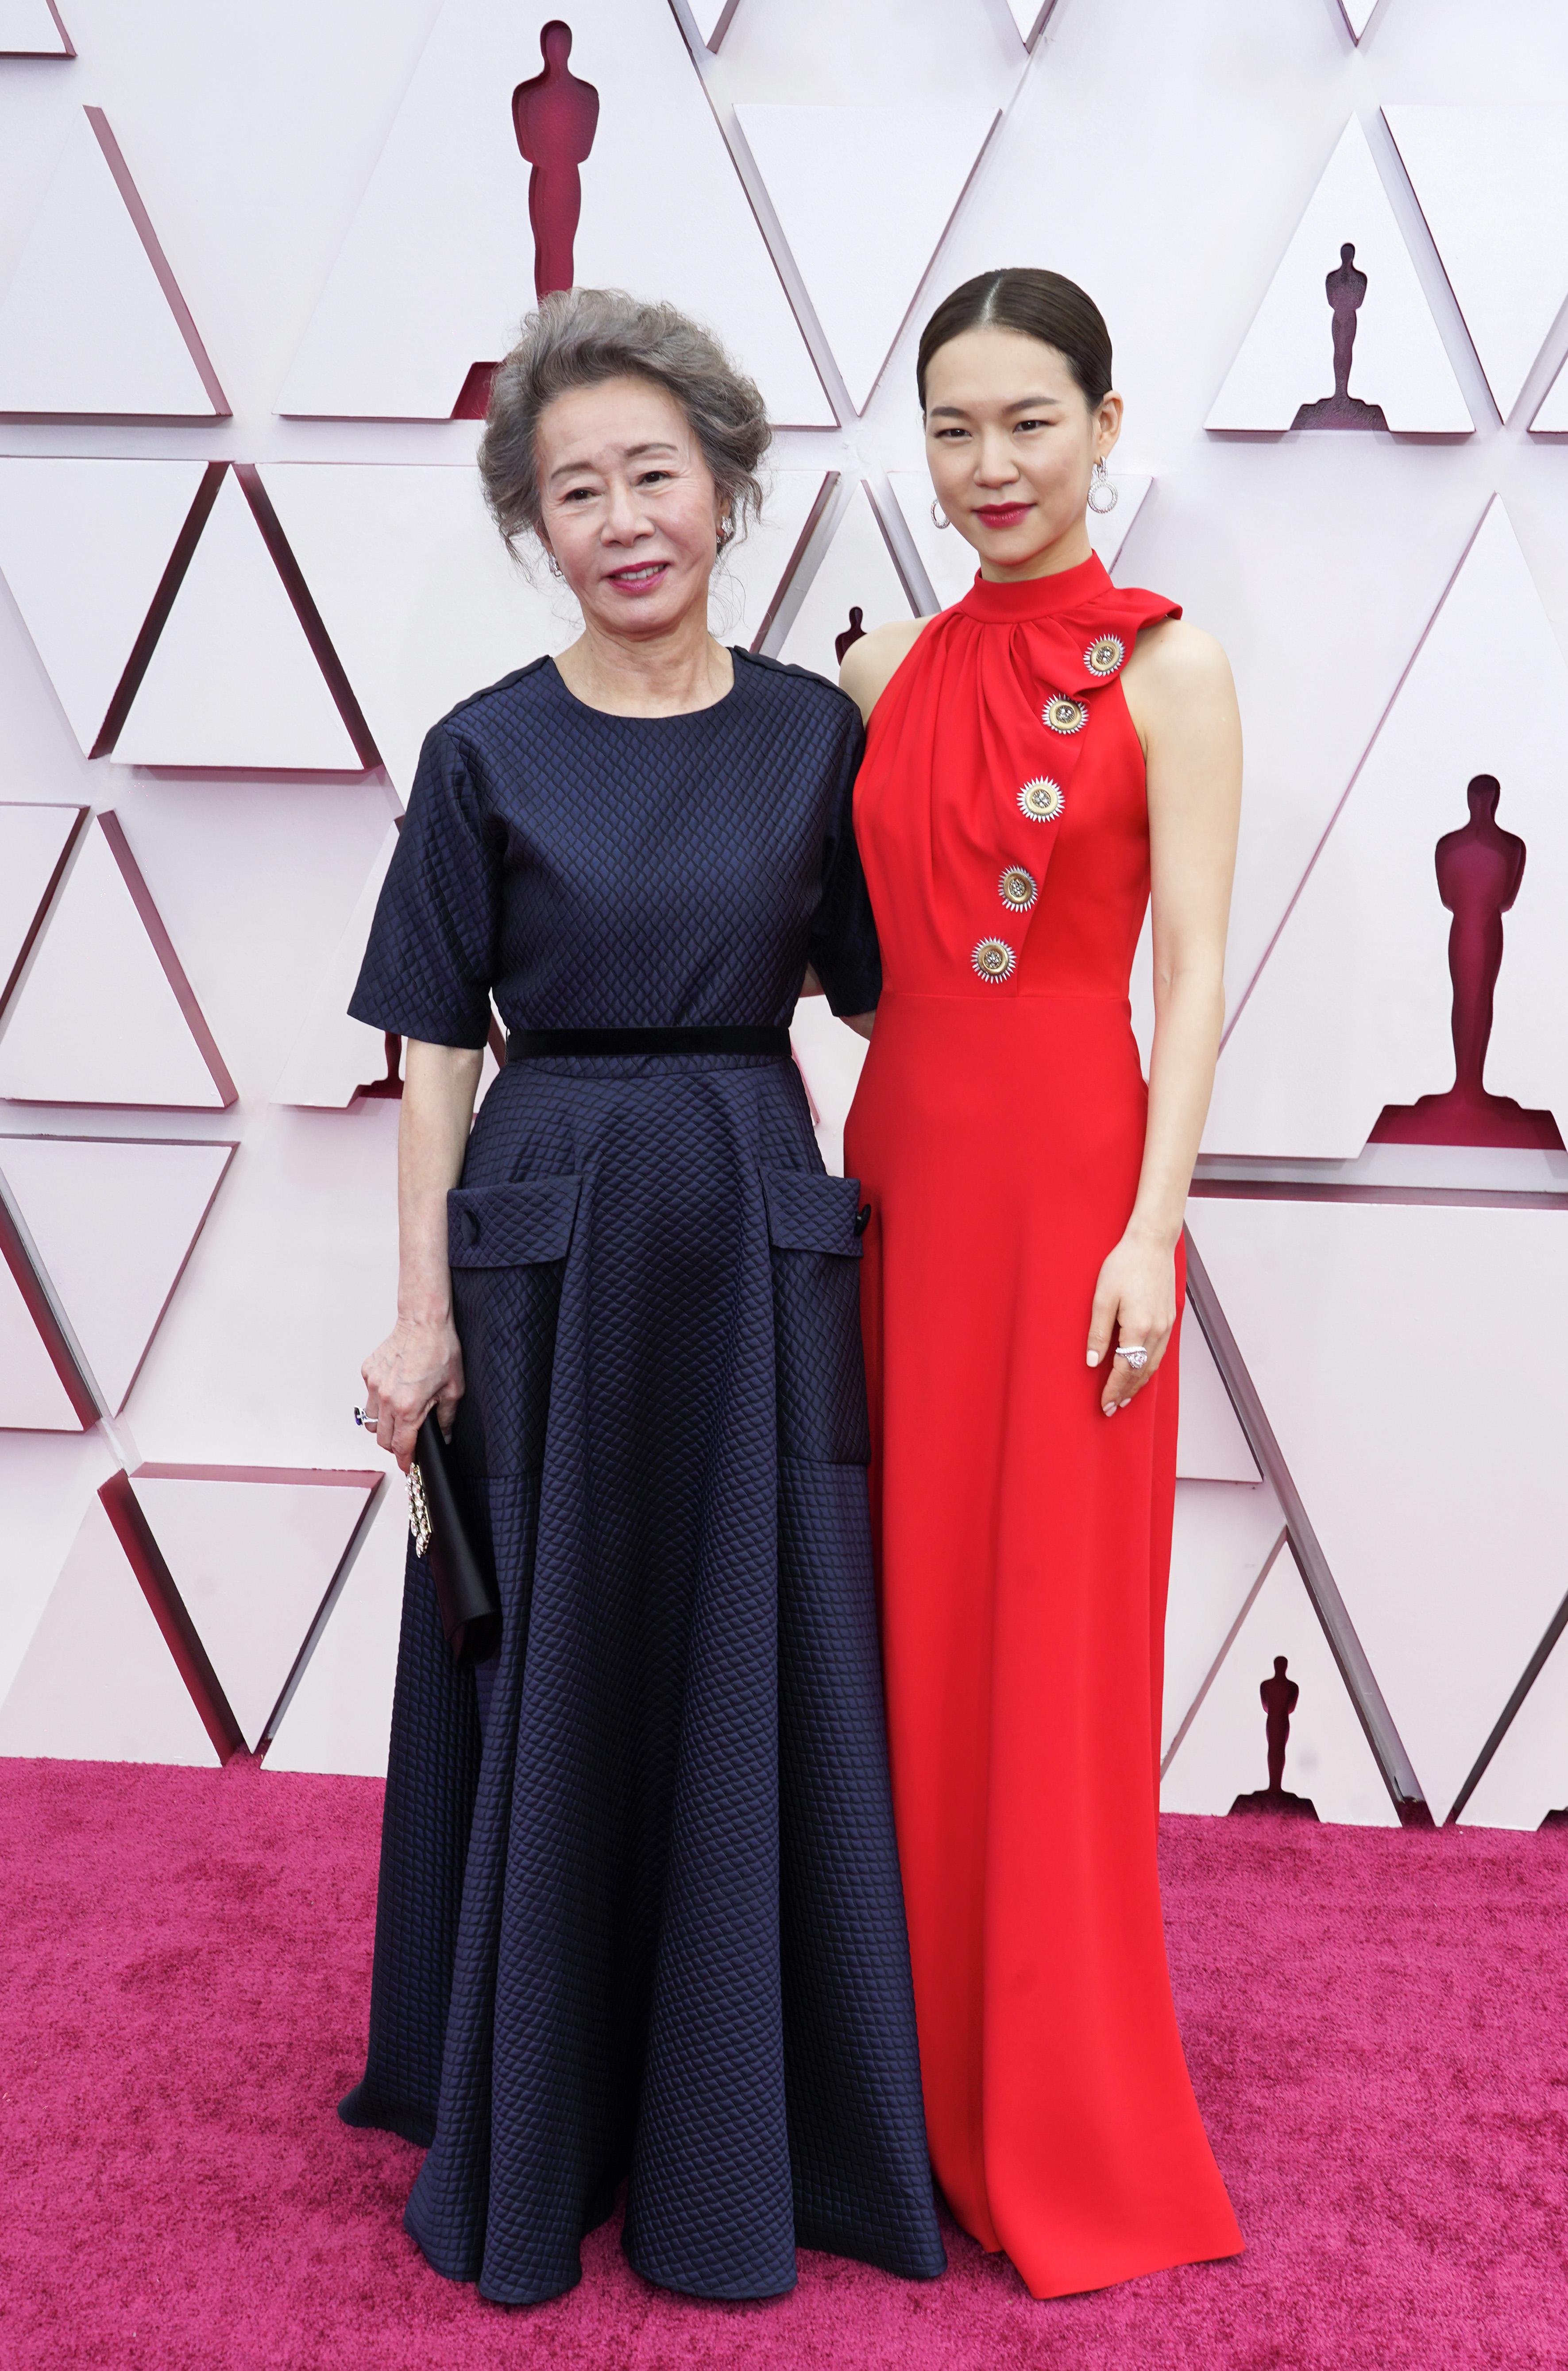 As atrizes são orientais. Do lado esquerdo, Youn tem cabelos grisalhos presos. Ela usa um vestido com mangas curtas tipo camiseta, azul marinho. Já Han usa um vestido vermelho com gola alta, sem mangas e detalhes dourados